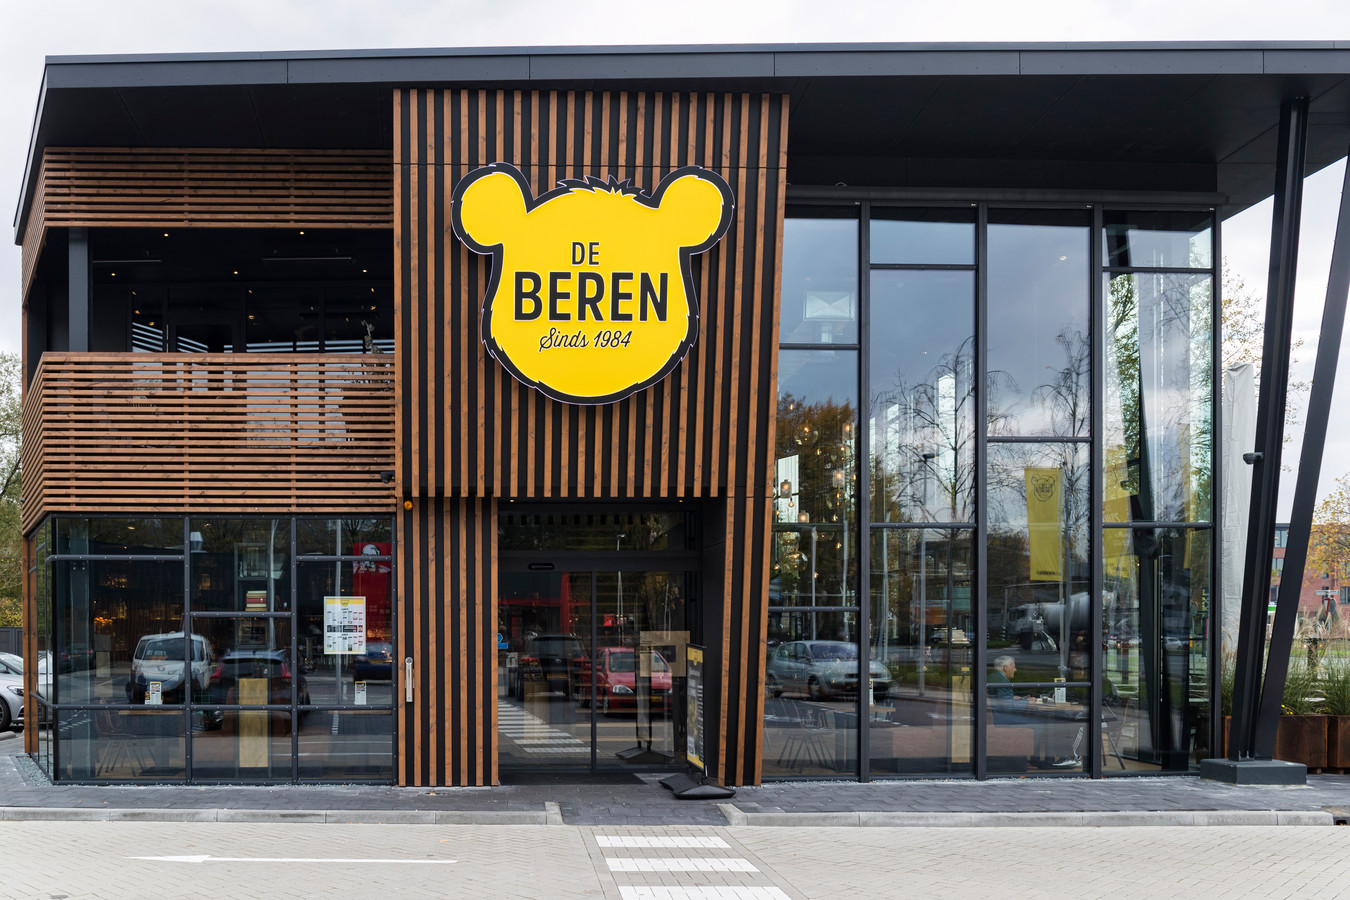 Restaurant De Beren in Gouda.